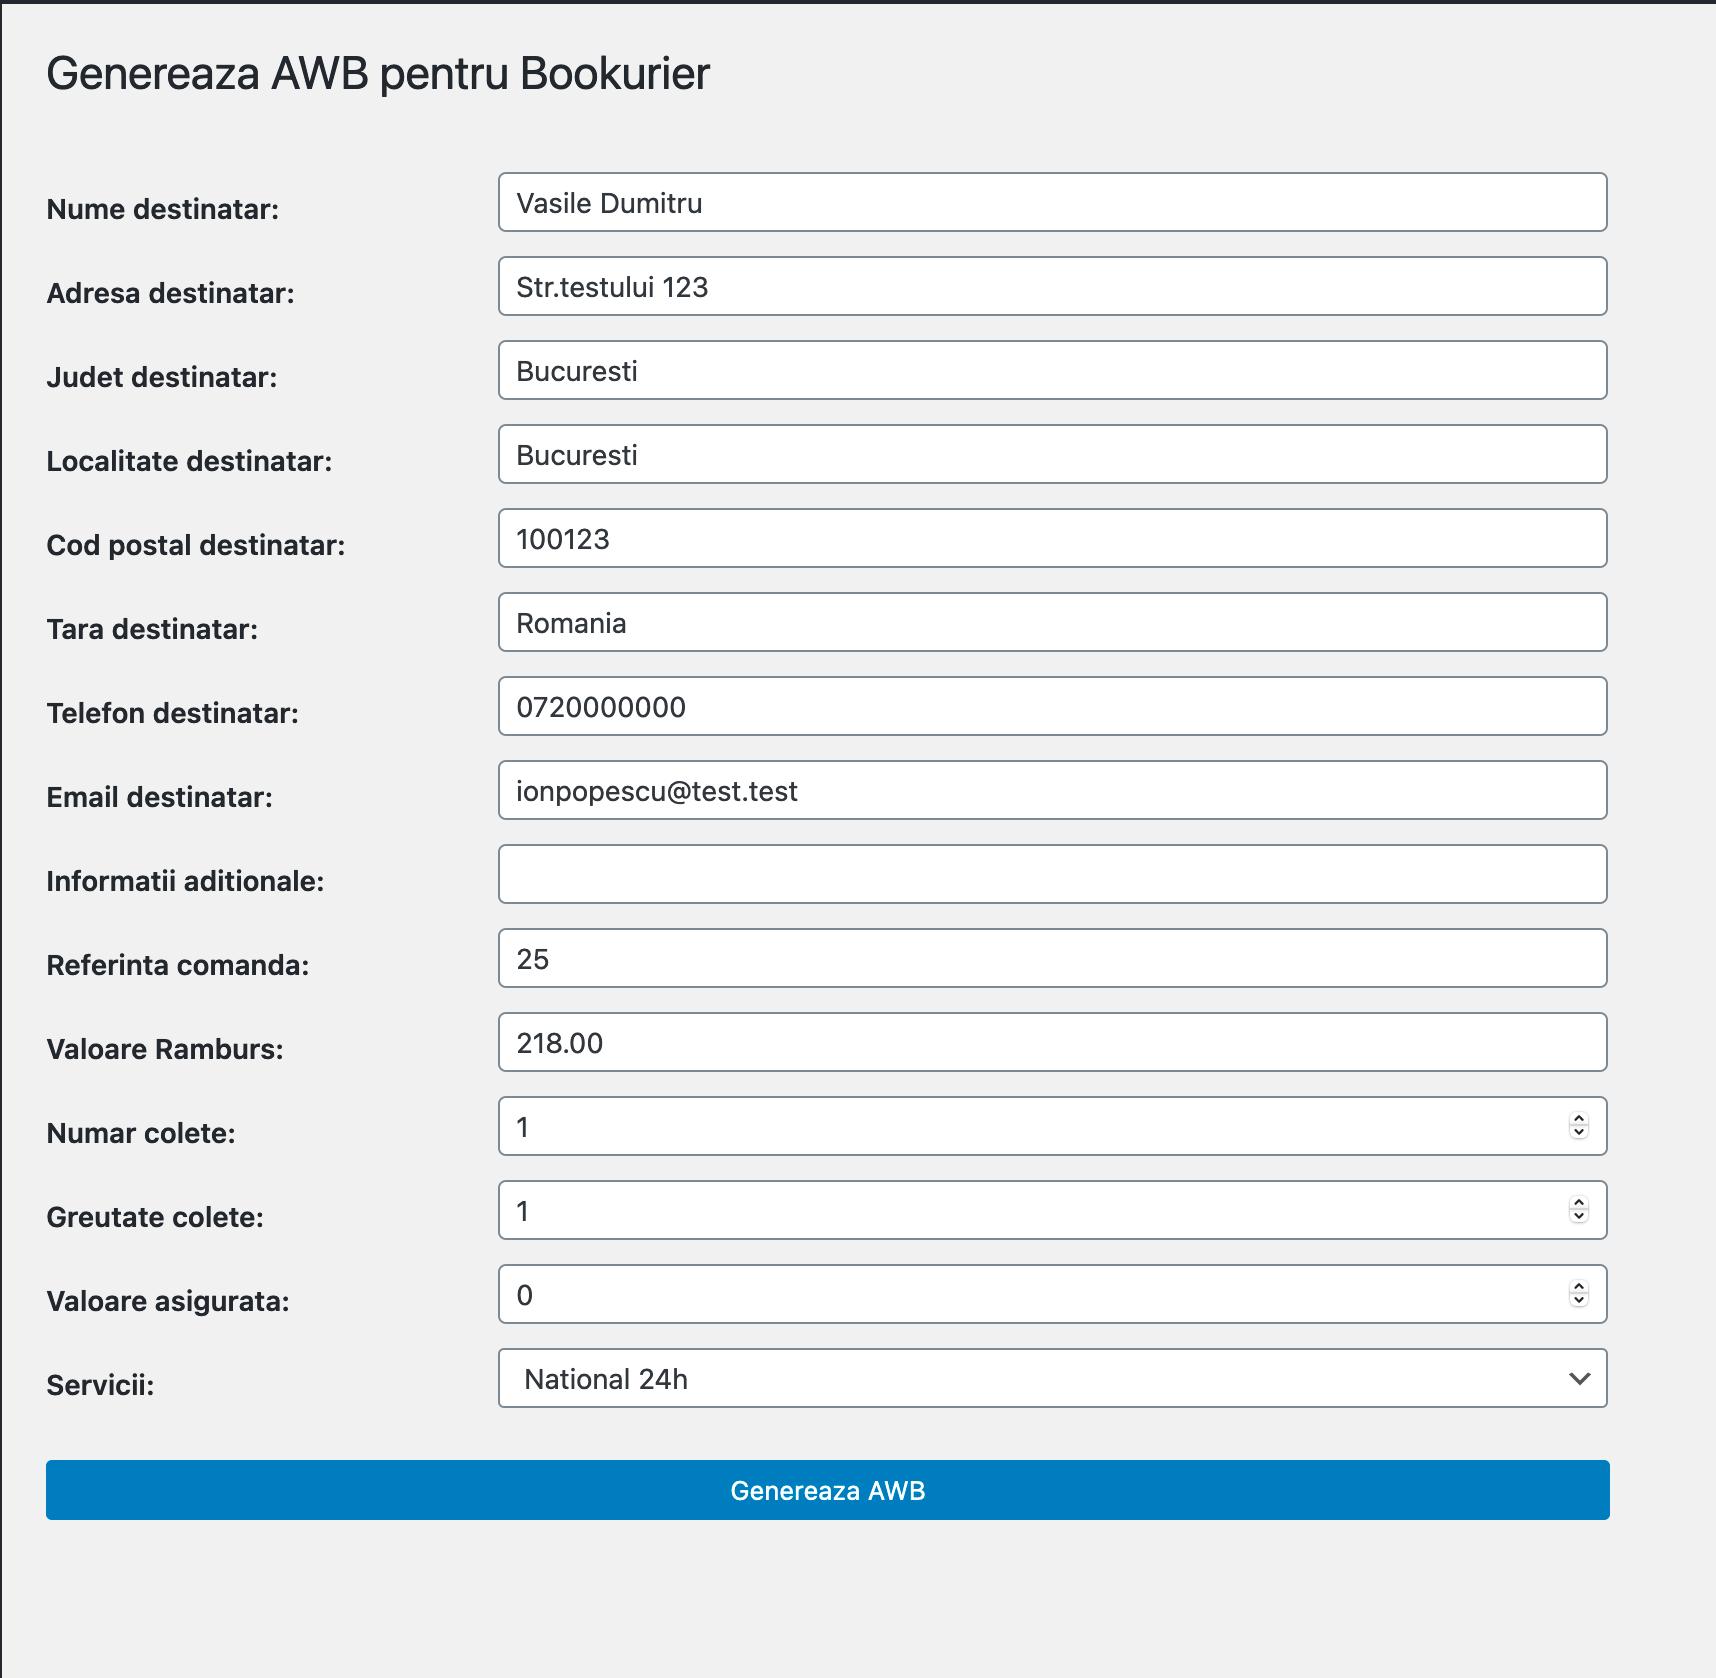 setari personalizate generare AWB WooCommerce Bookurier